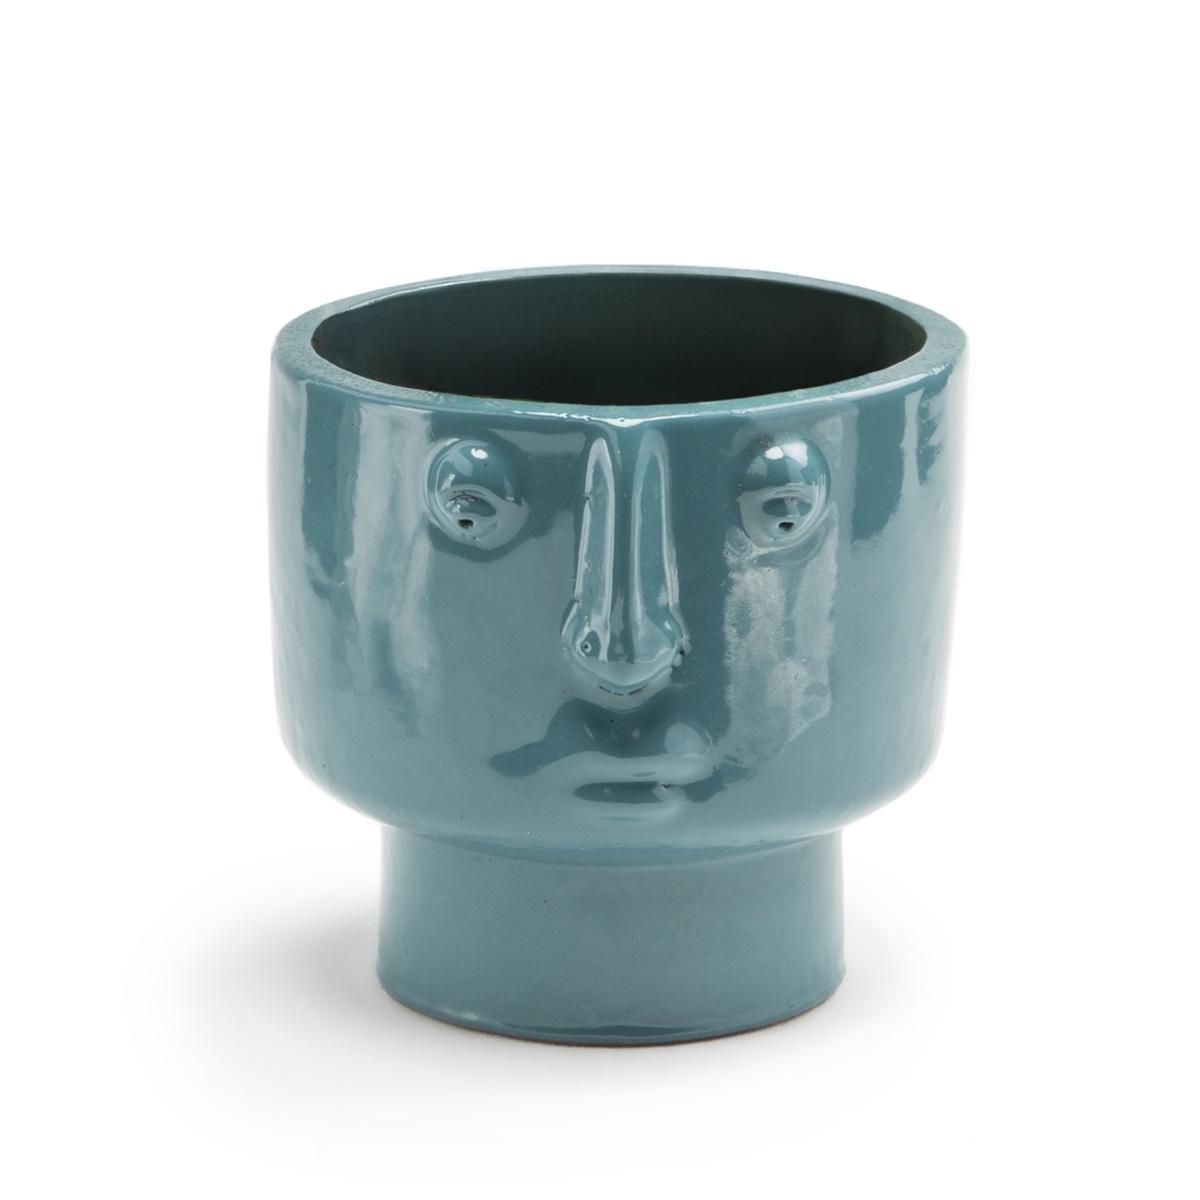 Кашпо La Redoute Из терракоты В см Lesego единый размер синий статуэтка la redoute в форме лица из пластика waraji единый размер черный